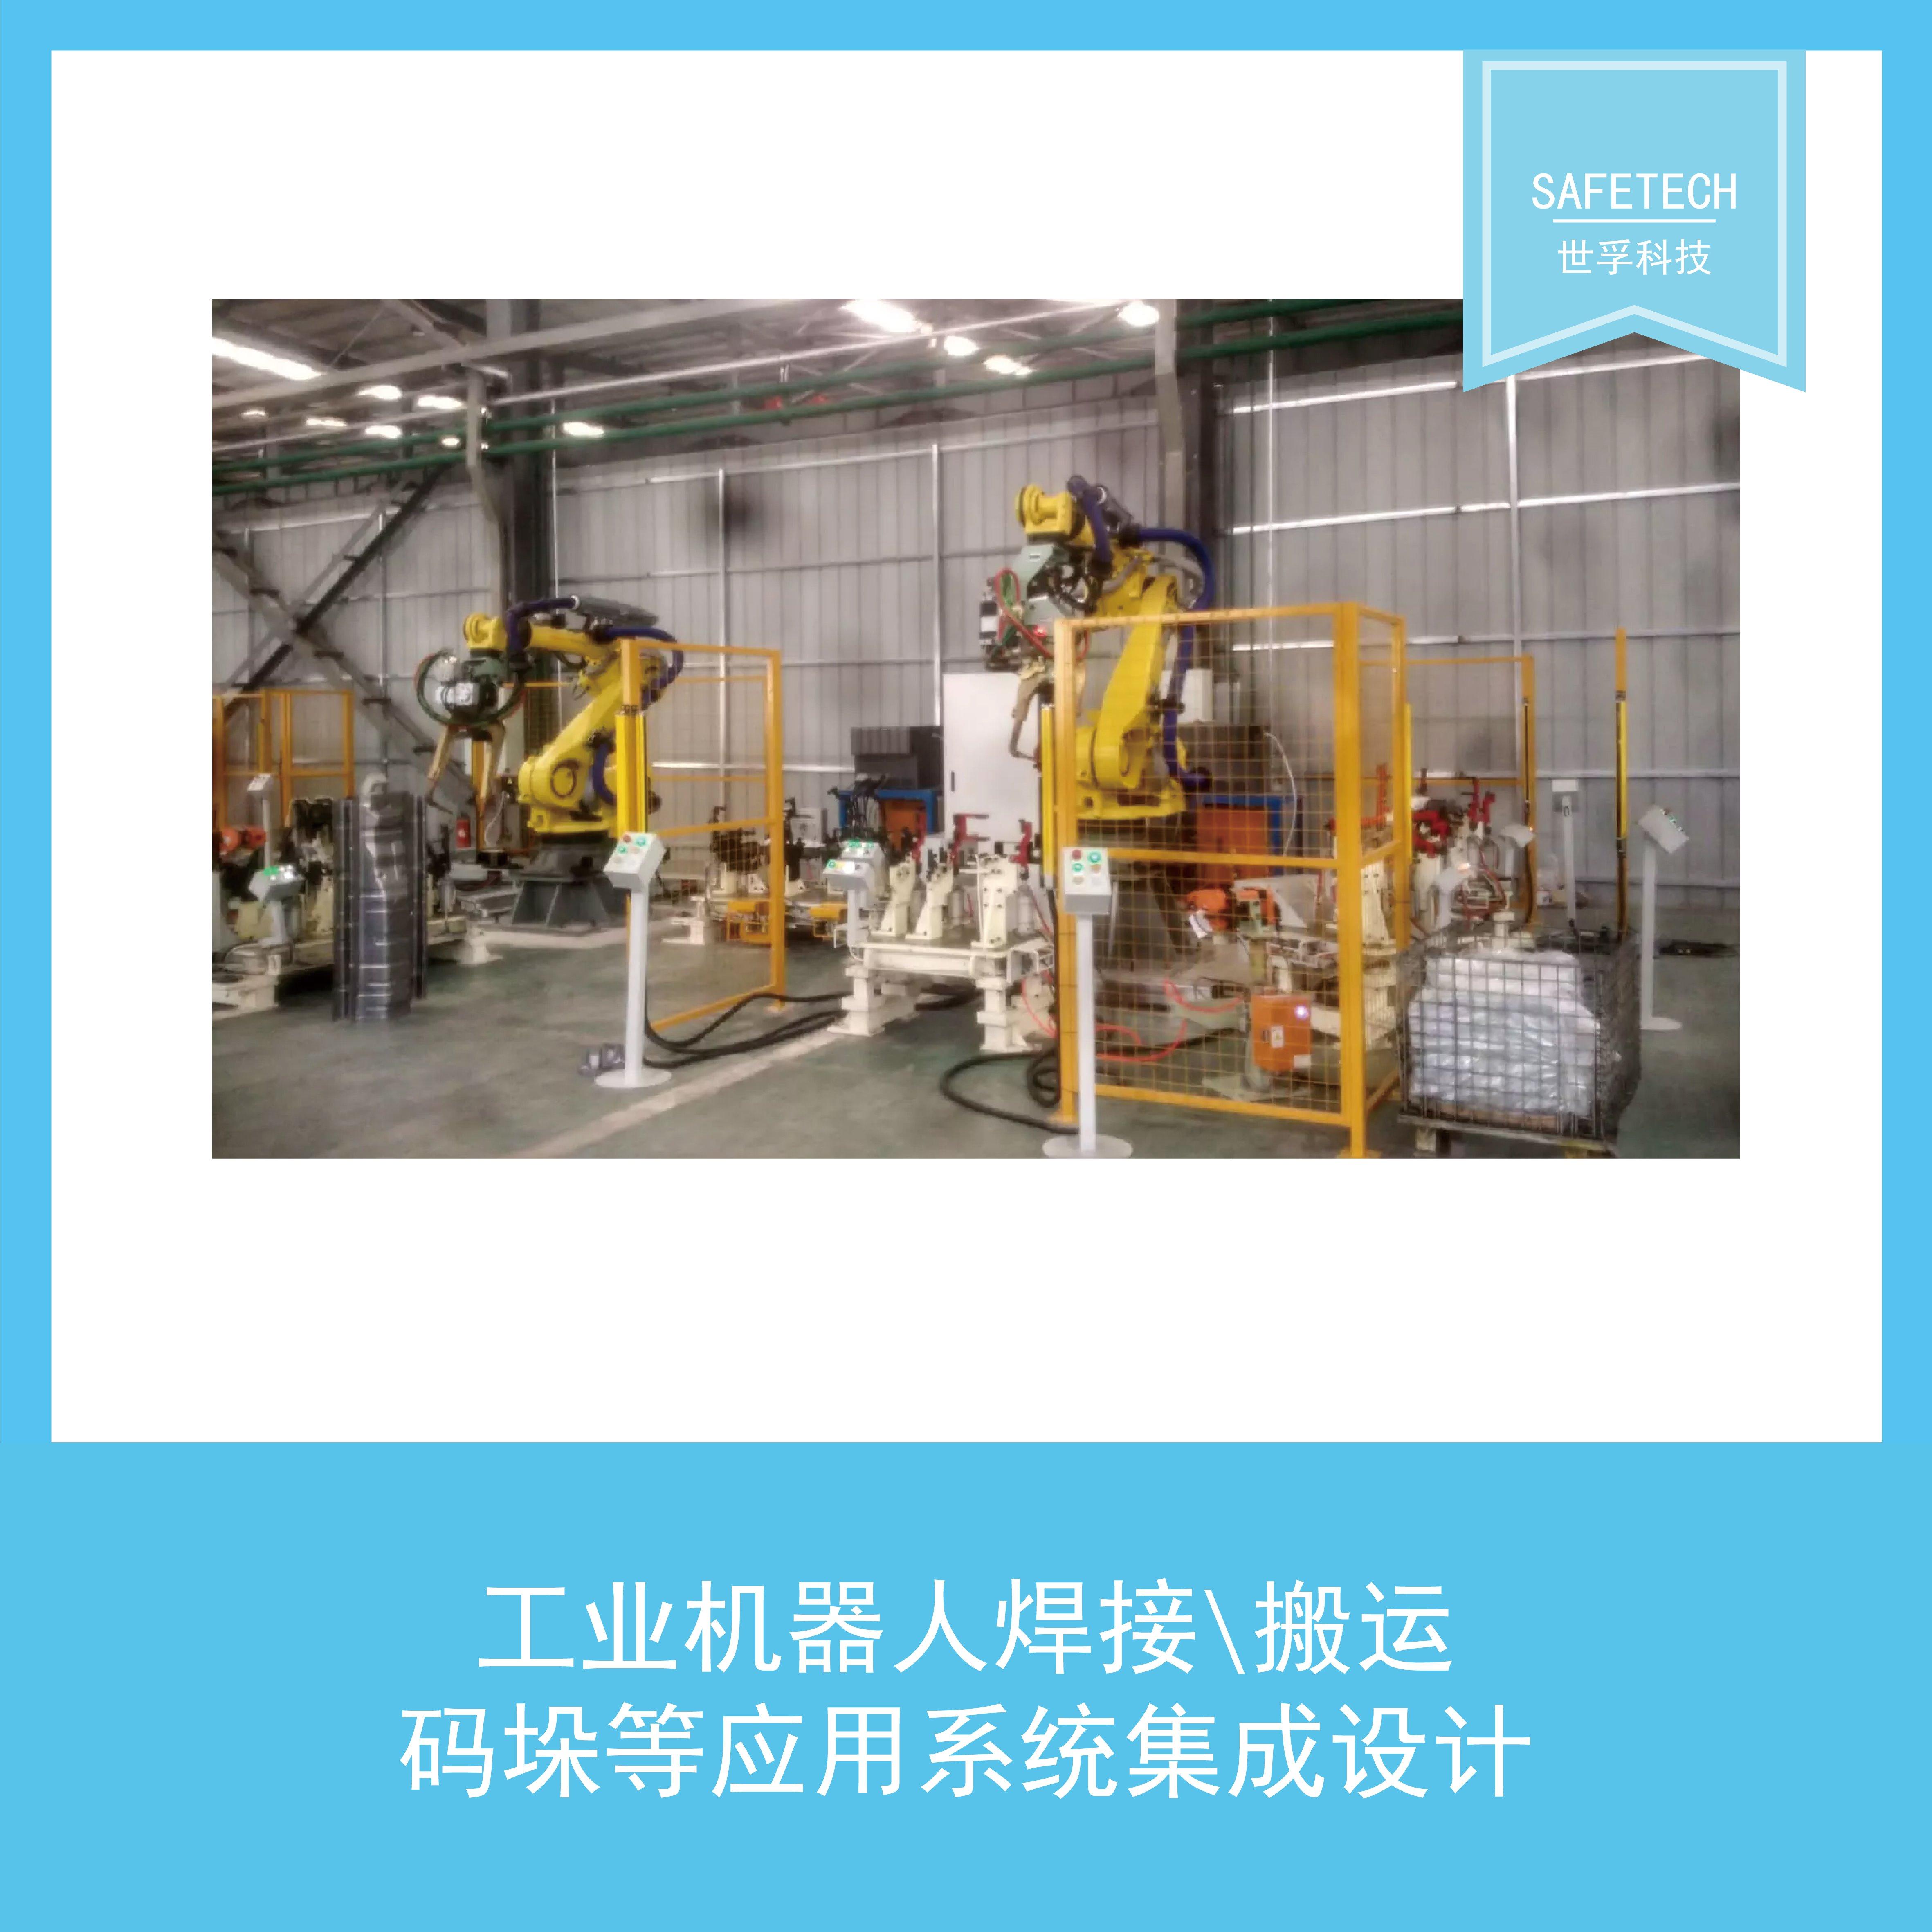 工业机器人焊接/搬运/码垛/点胶/上下料 等应用系统集成设计